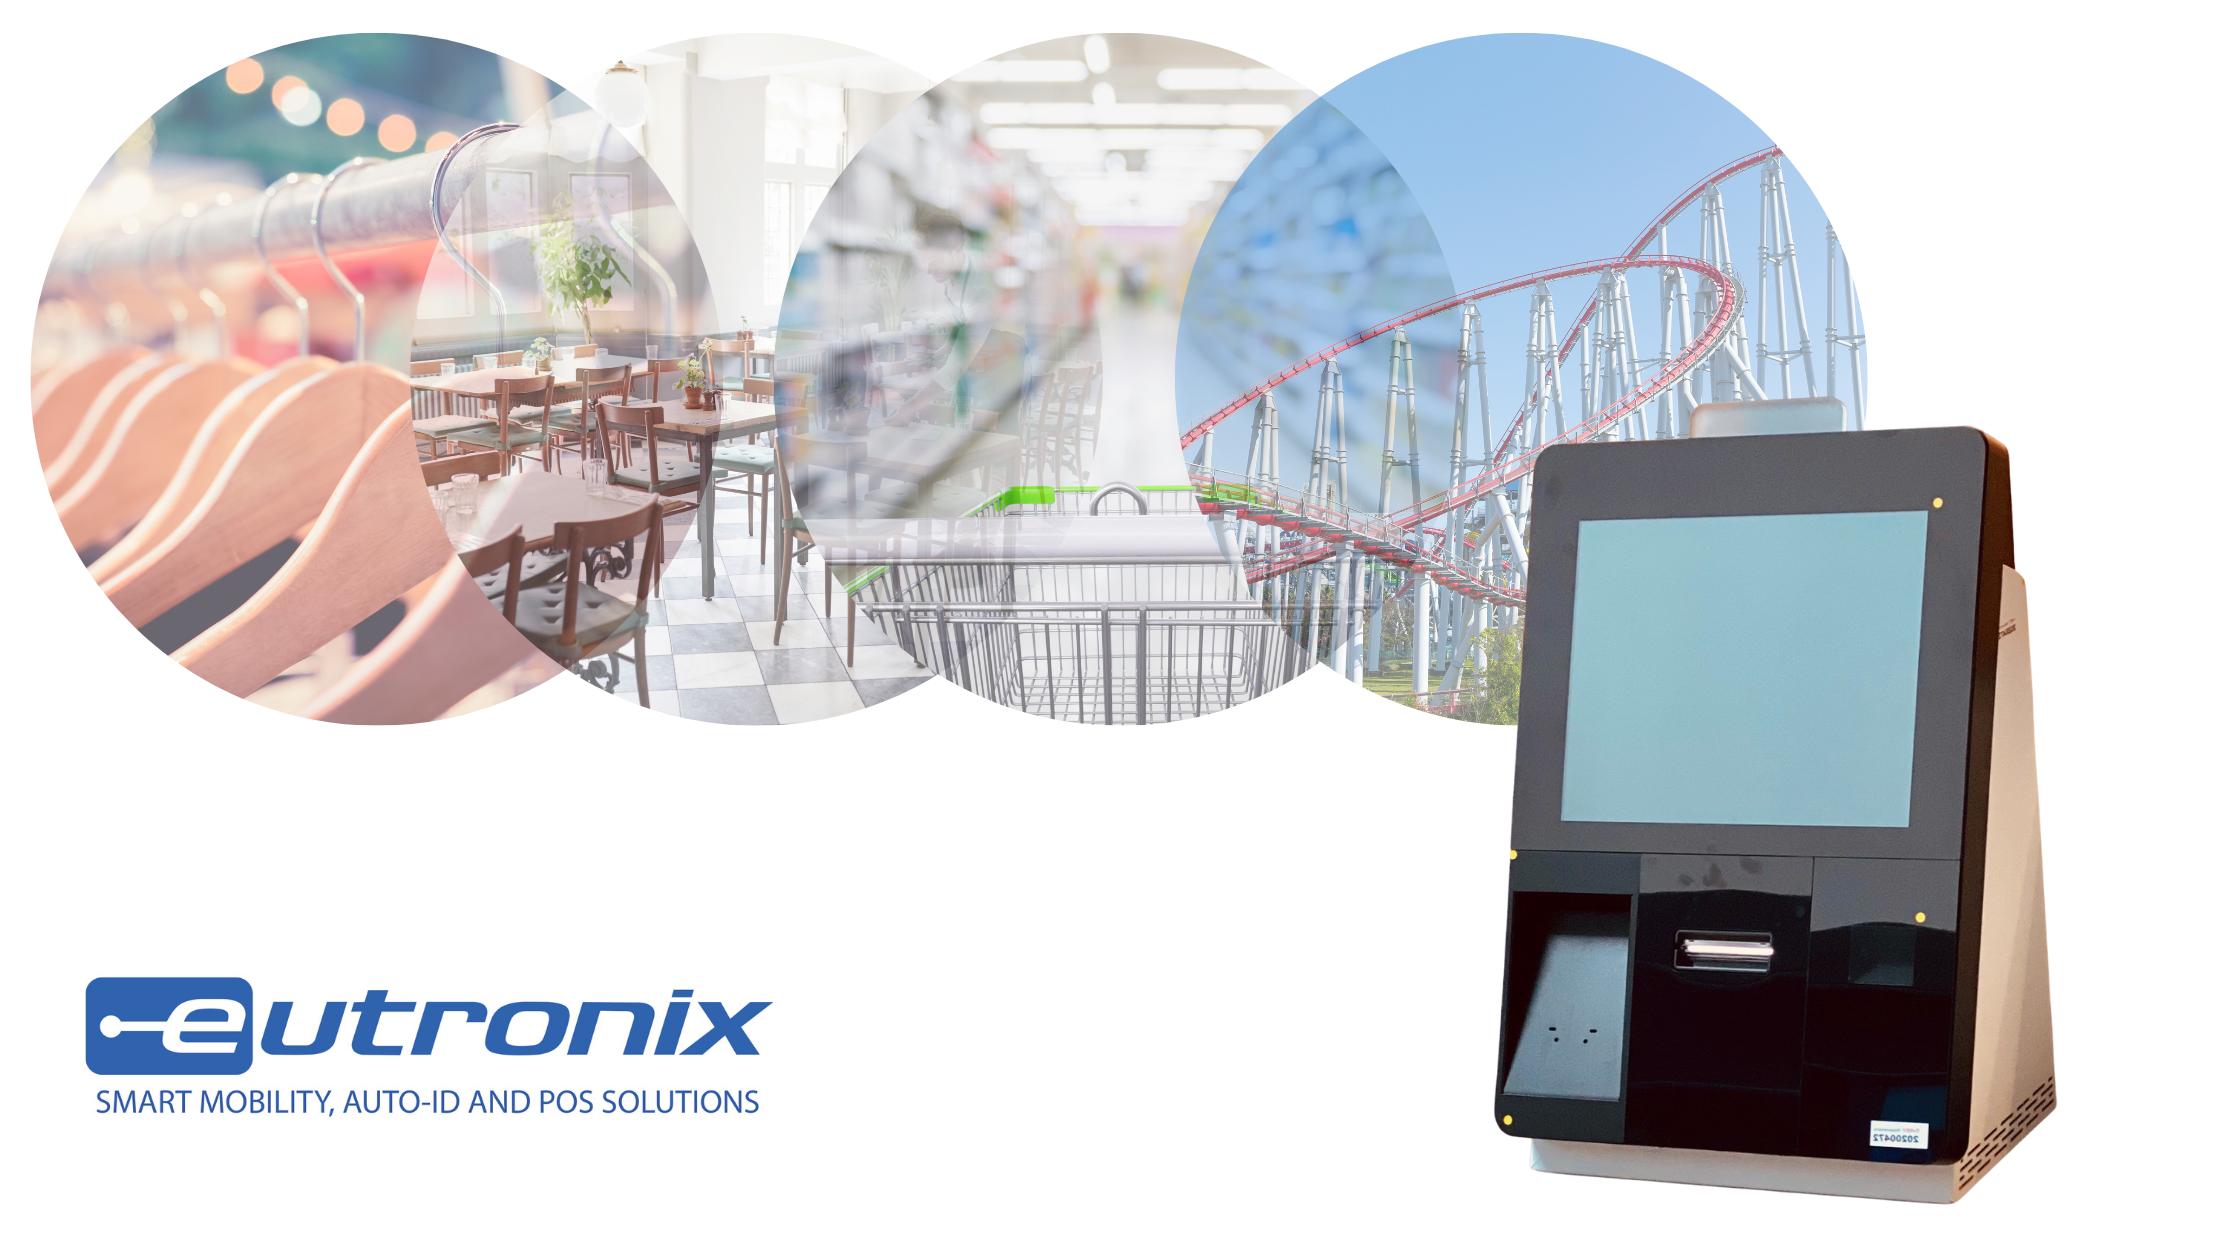 Eutronix kiosk retail leisure hospitality